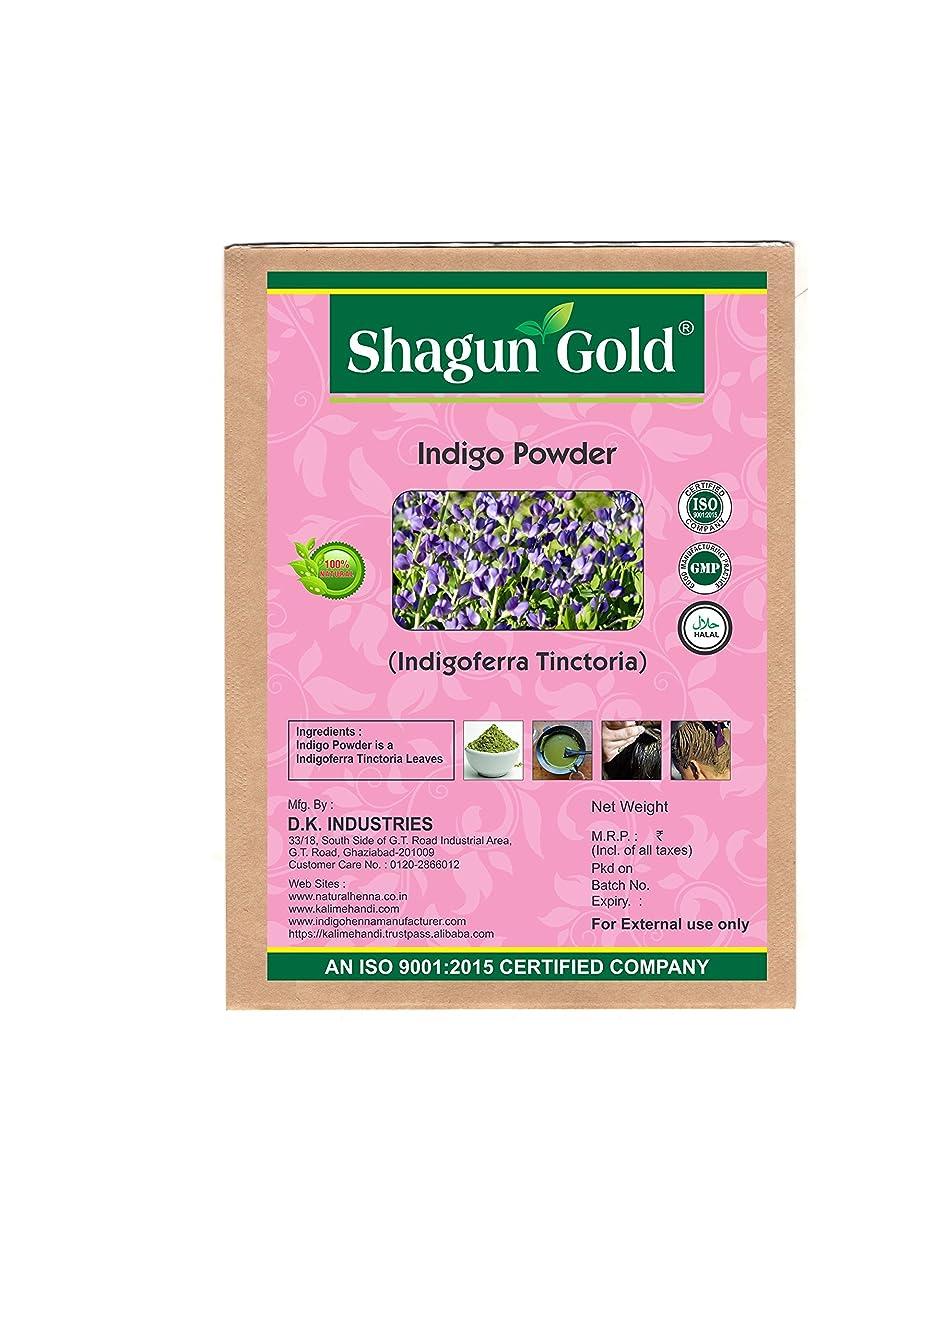 遠近法ブリーク残りShagun Gold A 100% Natural ( Indigofera Tinctoria ) Natural Indigo Powder For Hair Certified By Gmp / Halal / ISO-9001-2015 No Ammonia, No PPD, Chemical Free 176 Oz / ( 11 lb ) / 5Kg